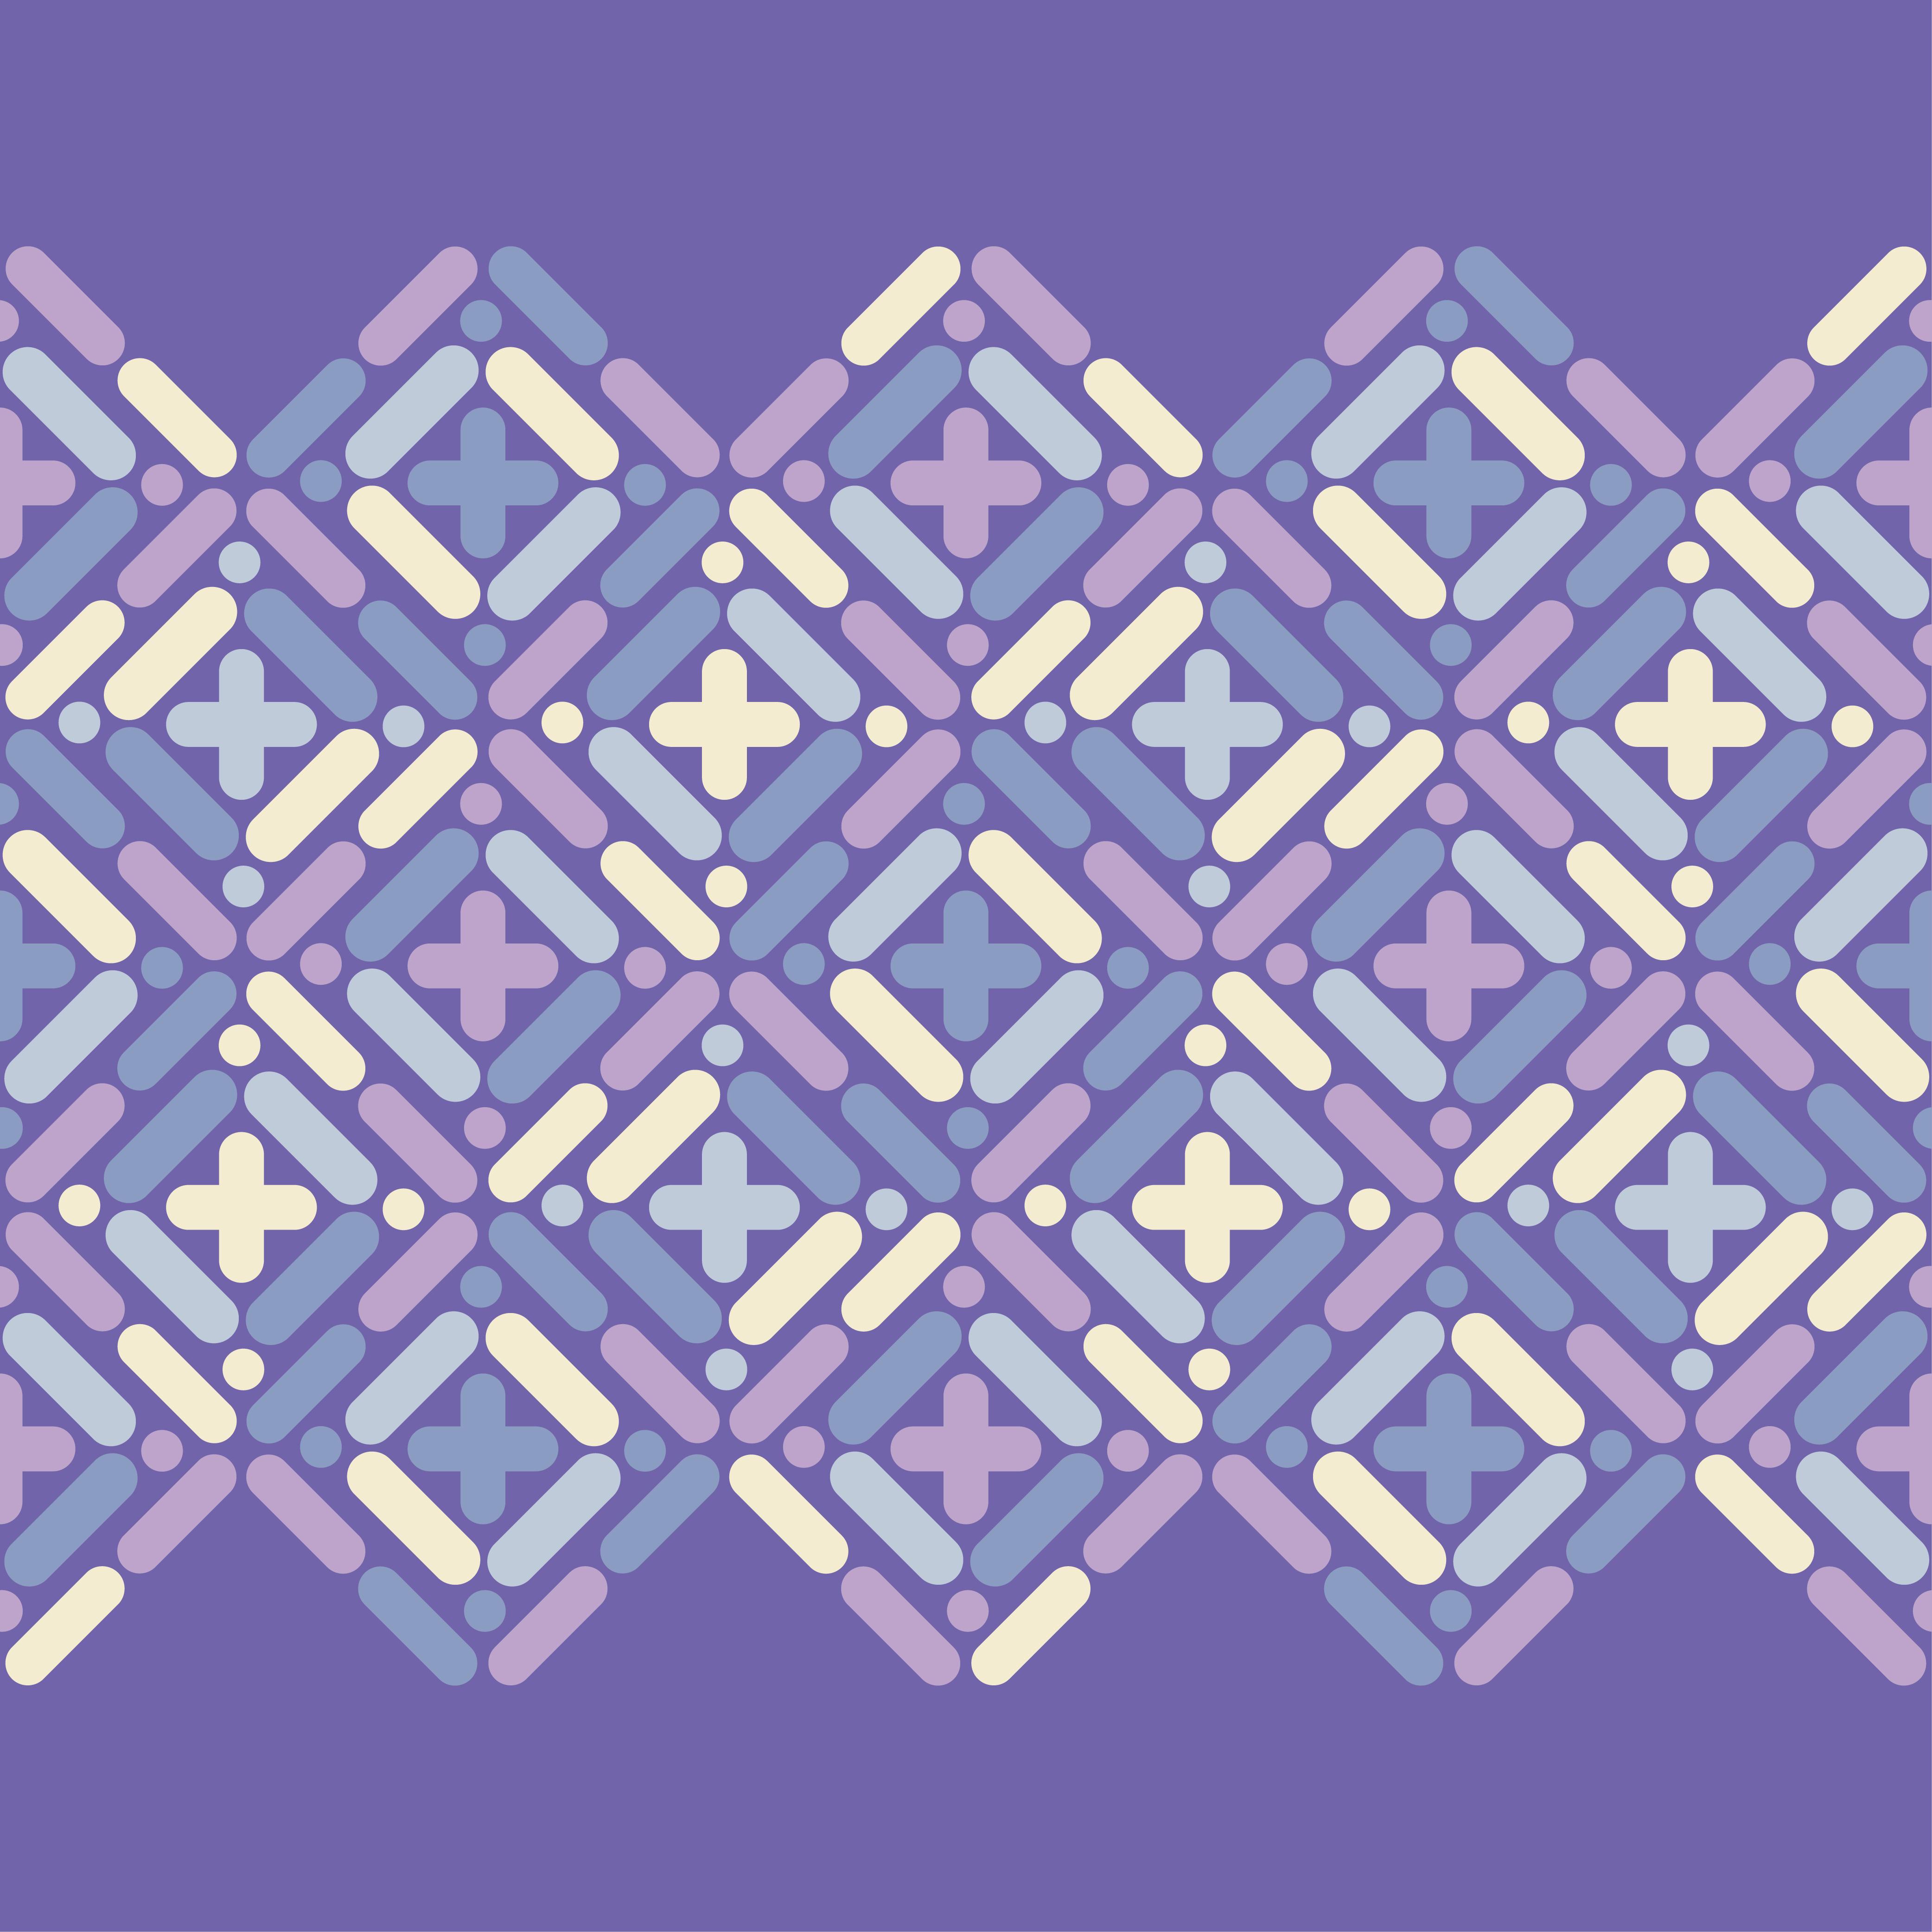 6 Ethnic boho seamless pattern.  example image 3